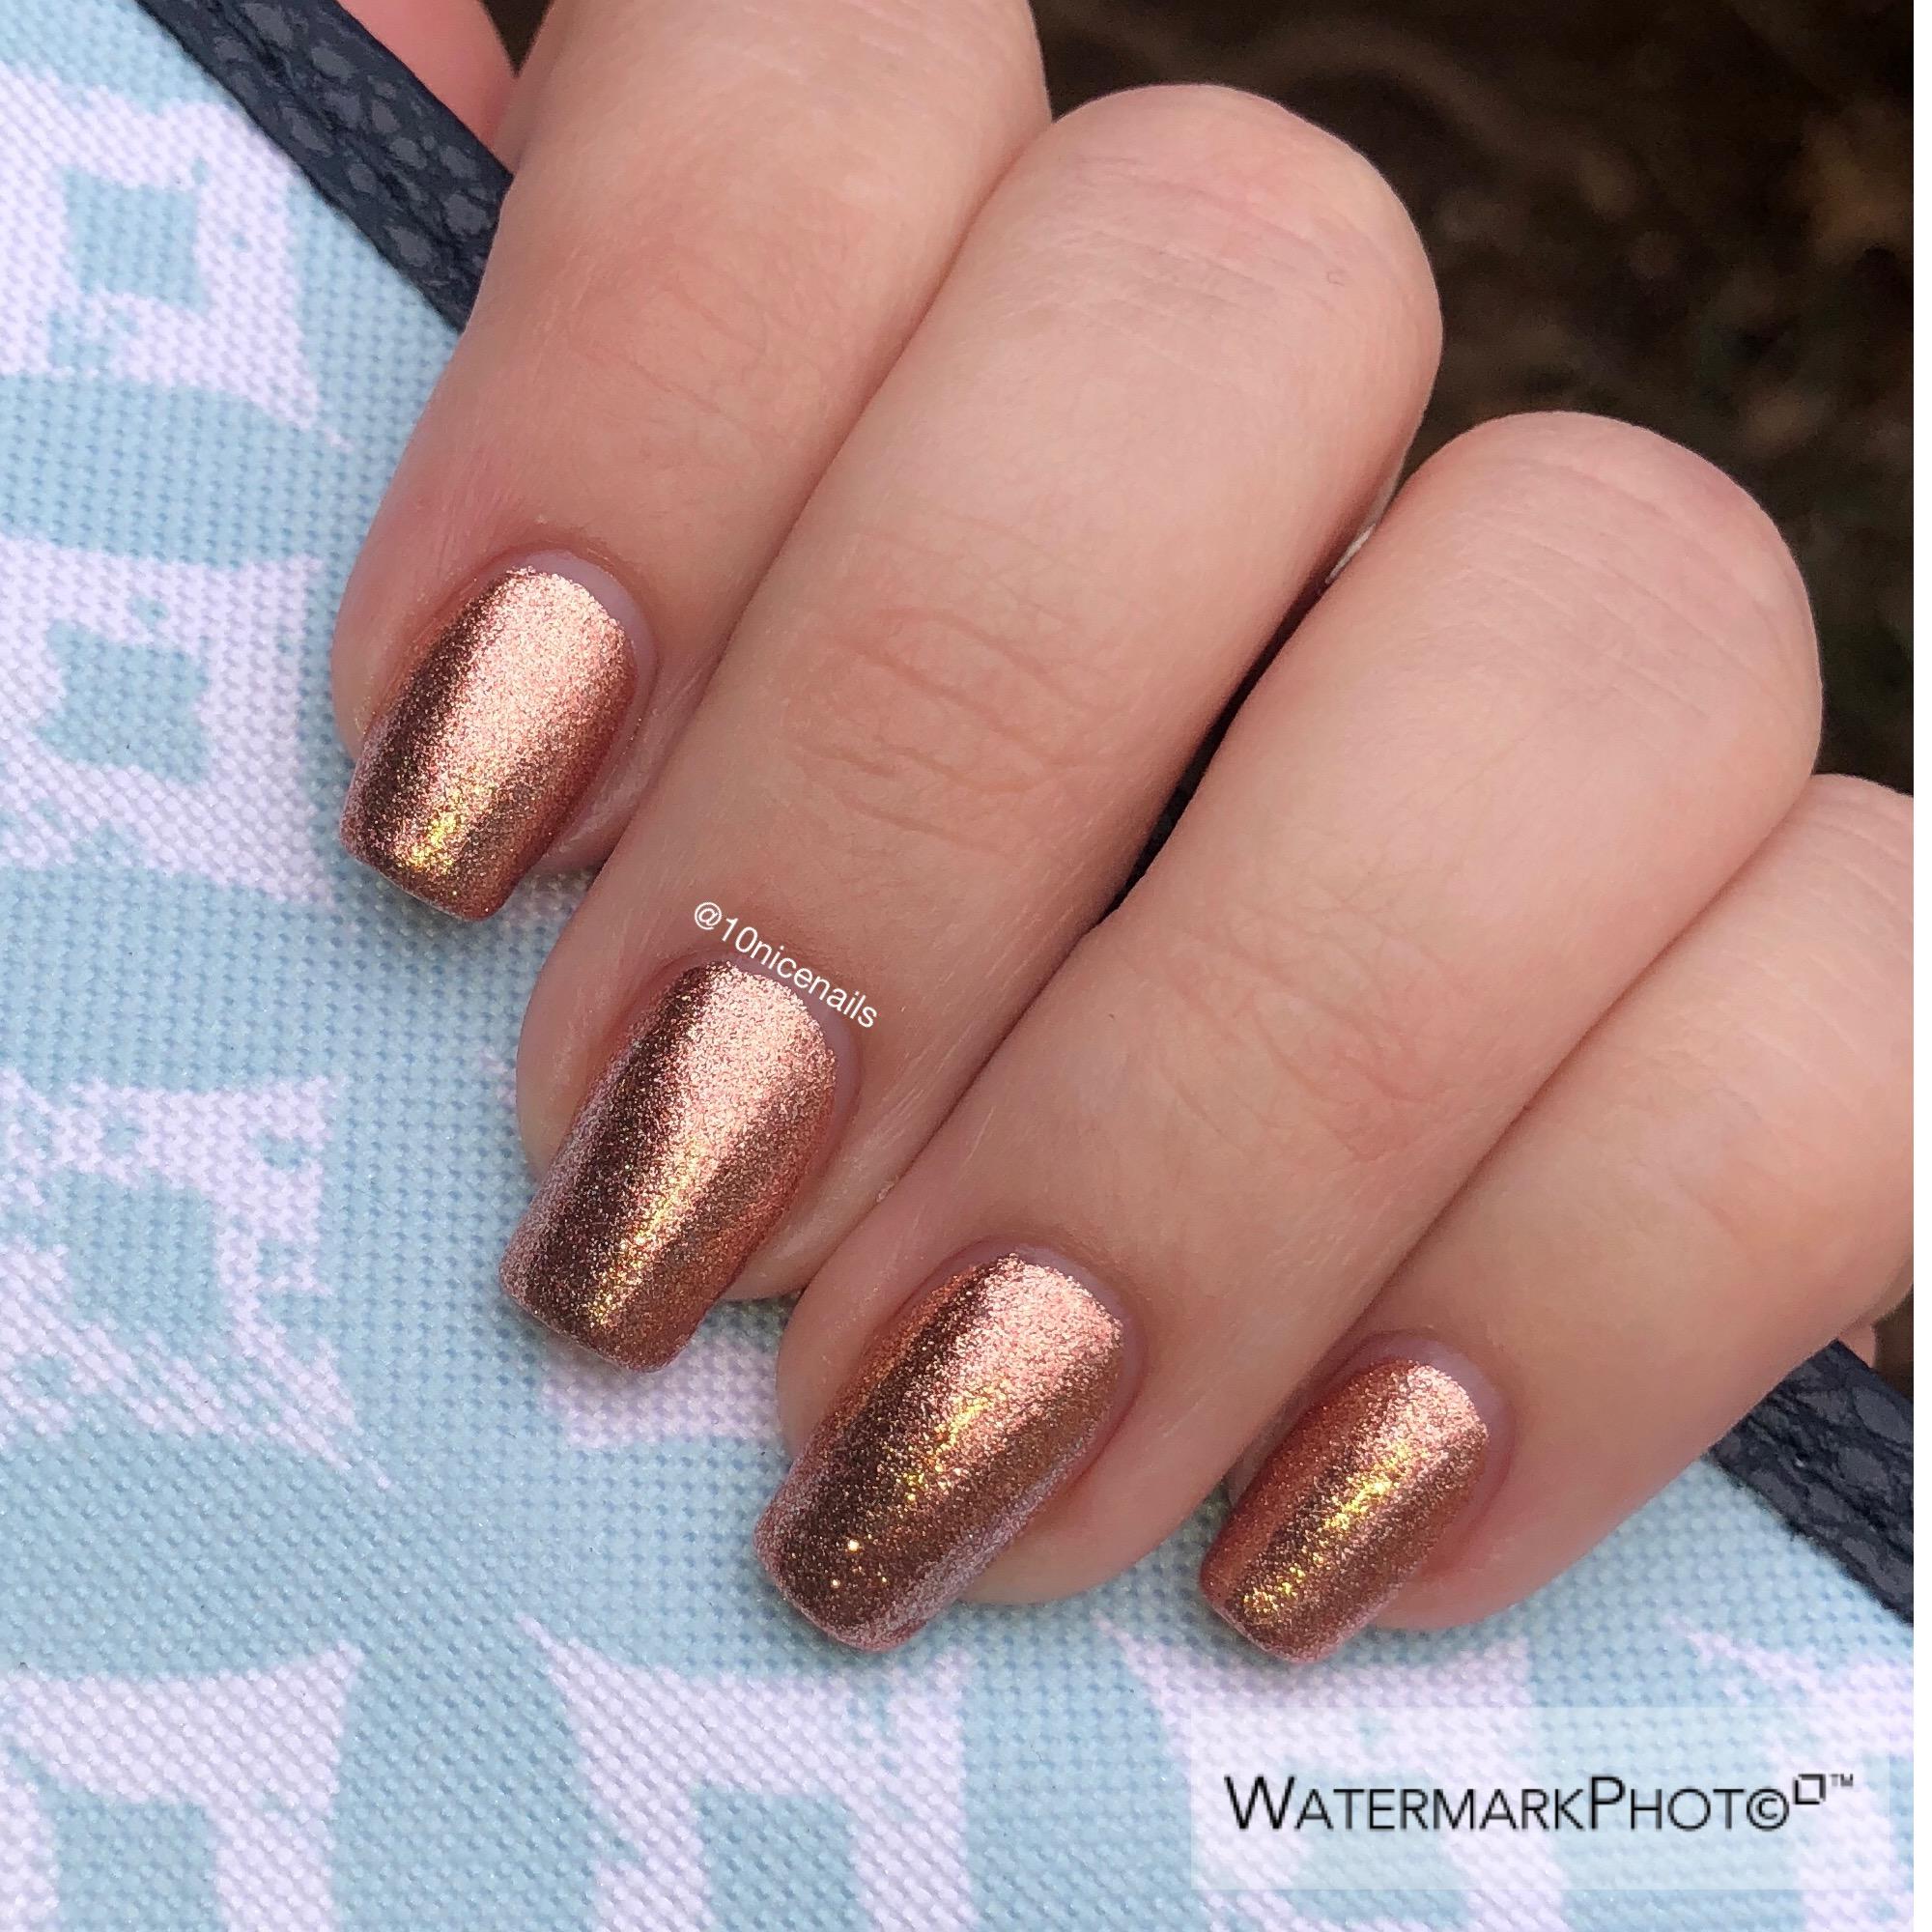 10 Nice Nails | Sharing my nail polish obsession